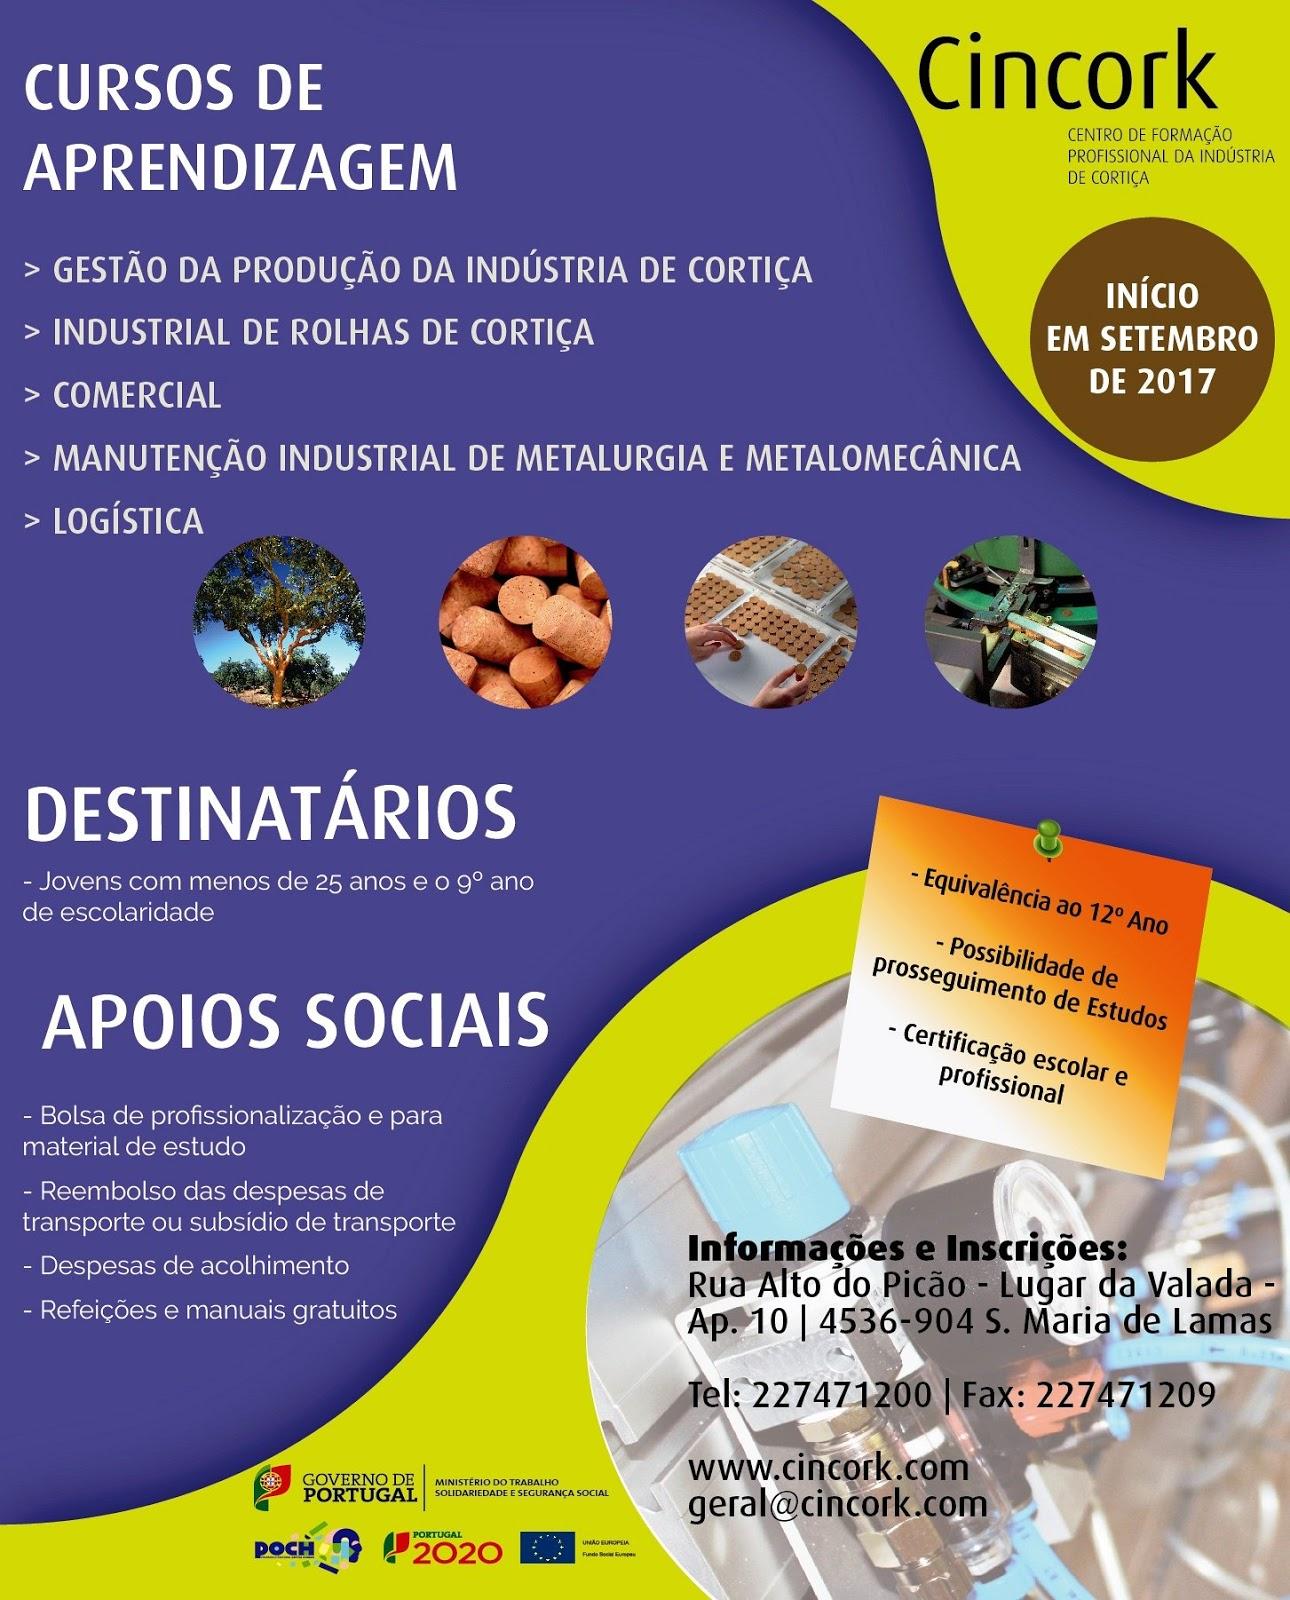 Cursos de aprendizagem subsidiados em Santa Maria de Lamas (CINCORK)